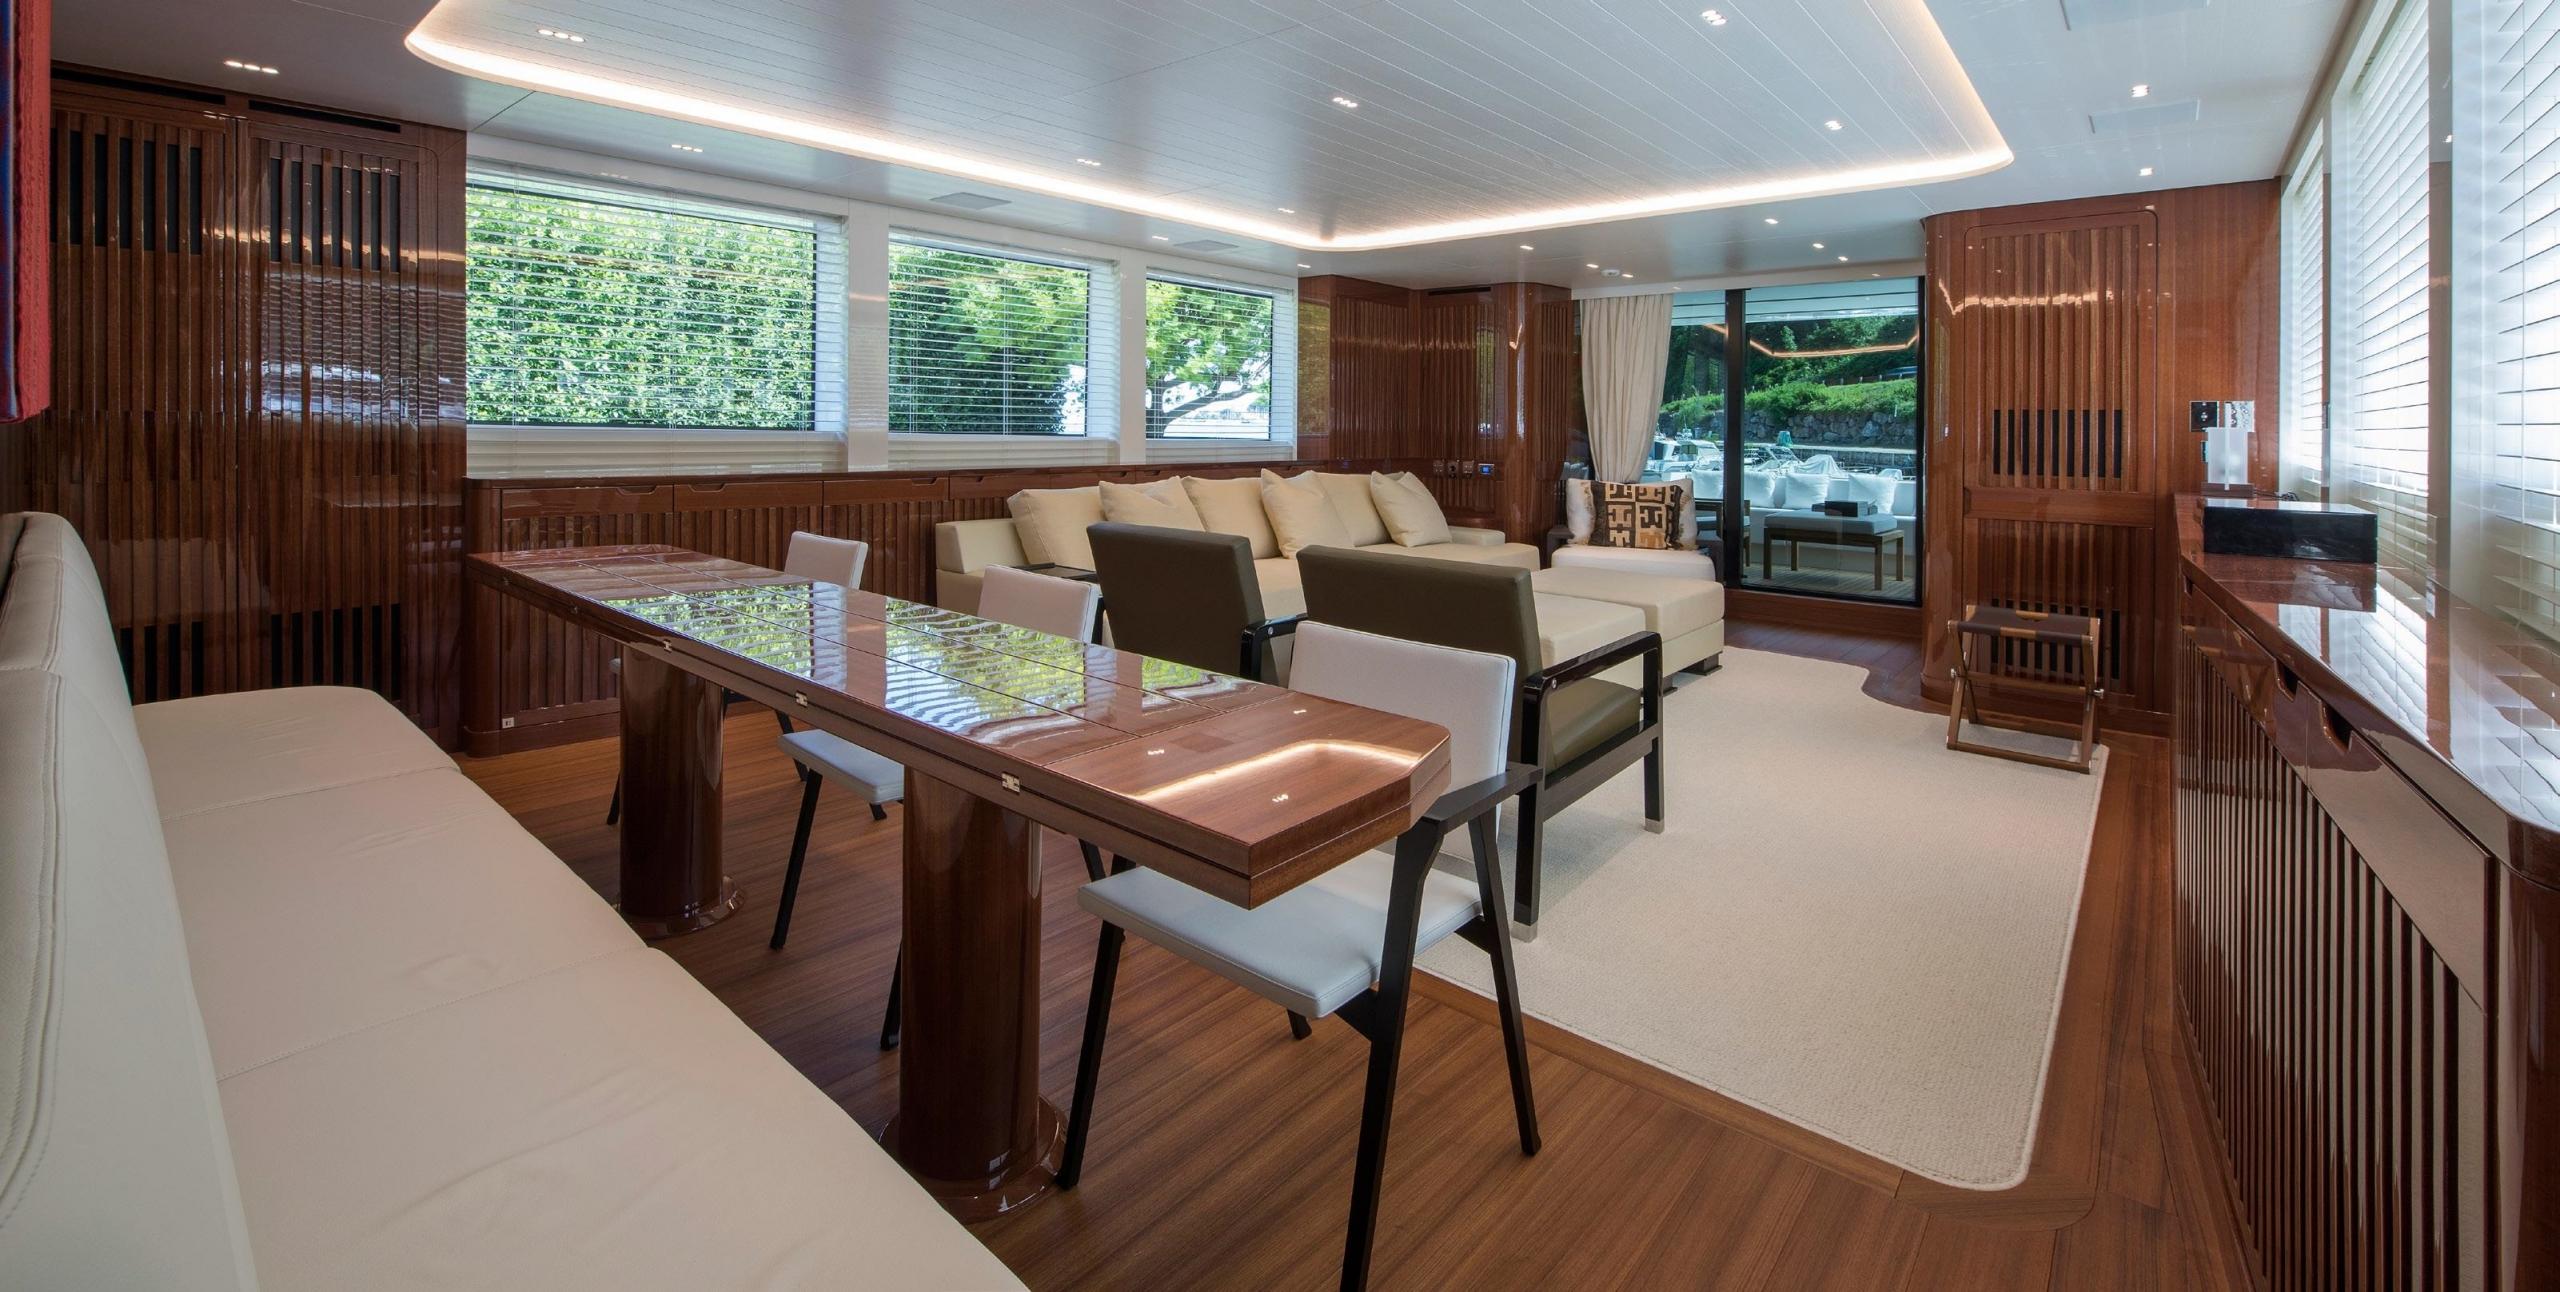 SL96.635_Penta_interior_lounge_area